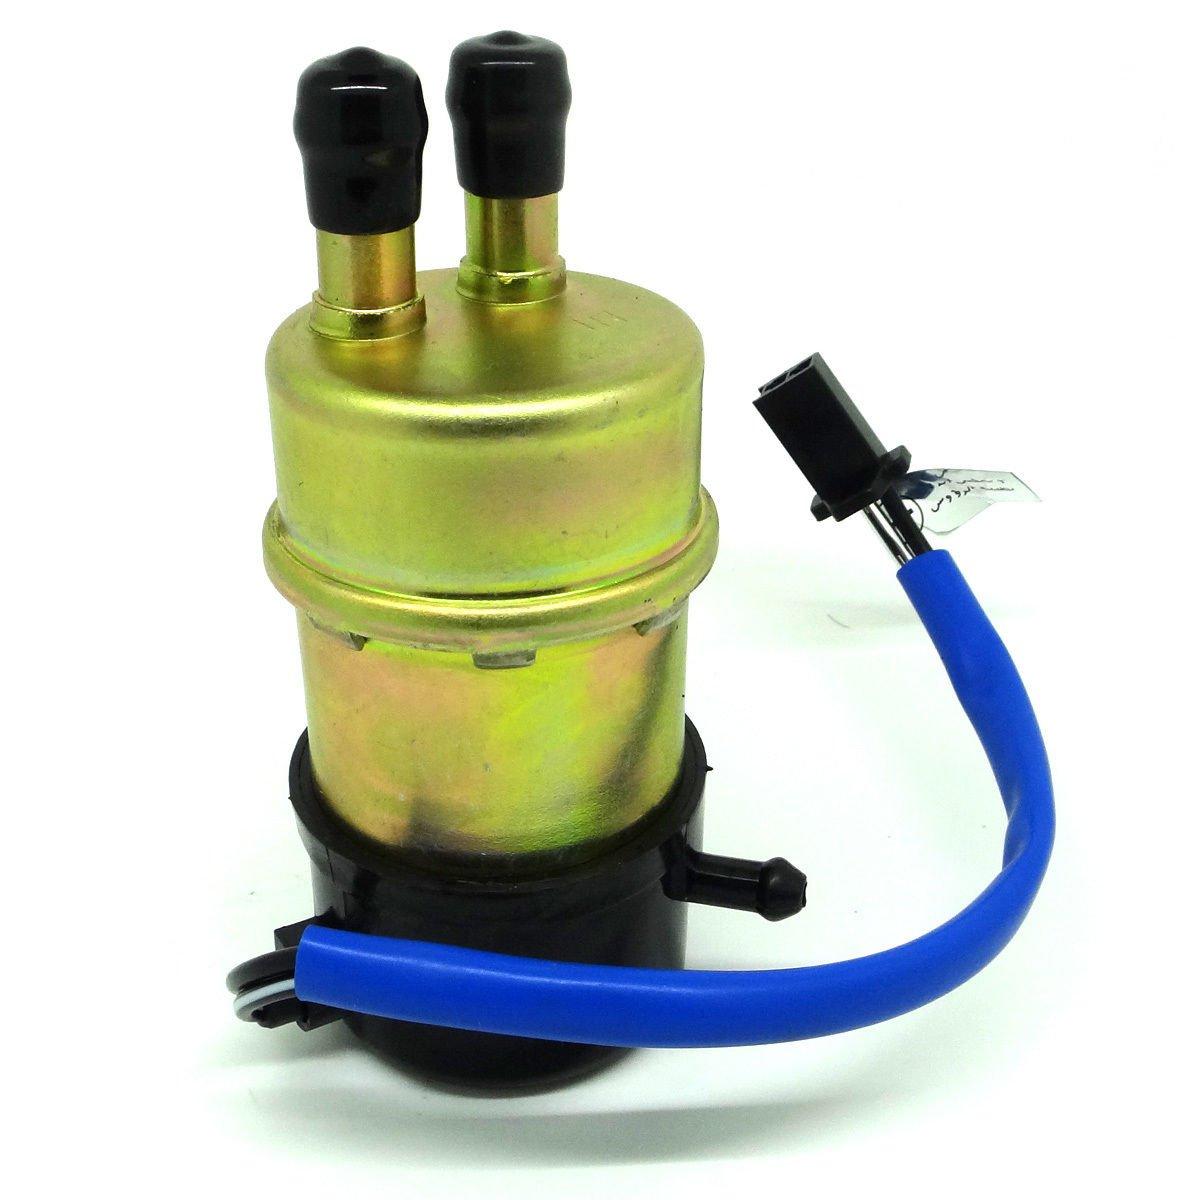 Conpus New Fuel Pump For Honda Vt750C Vt750Cd Vt750Dc Shadow Ace 750 1998-2003 2001 Honda Shadow Spirit 750 Vt750Dc A1487